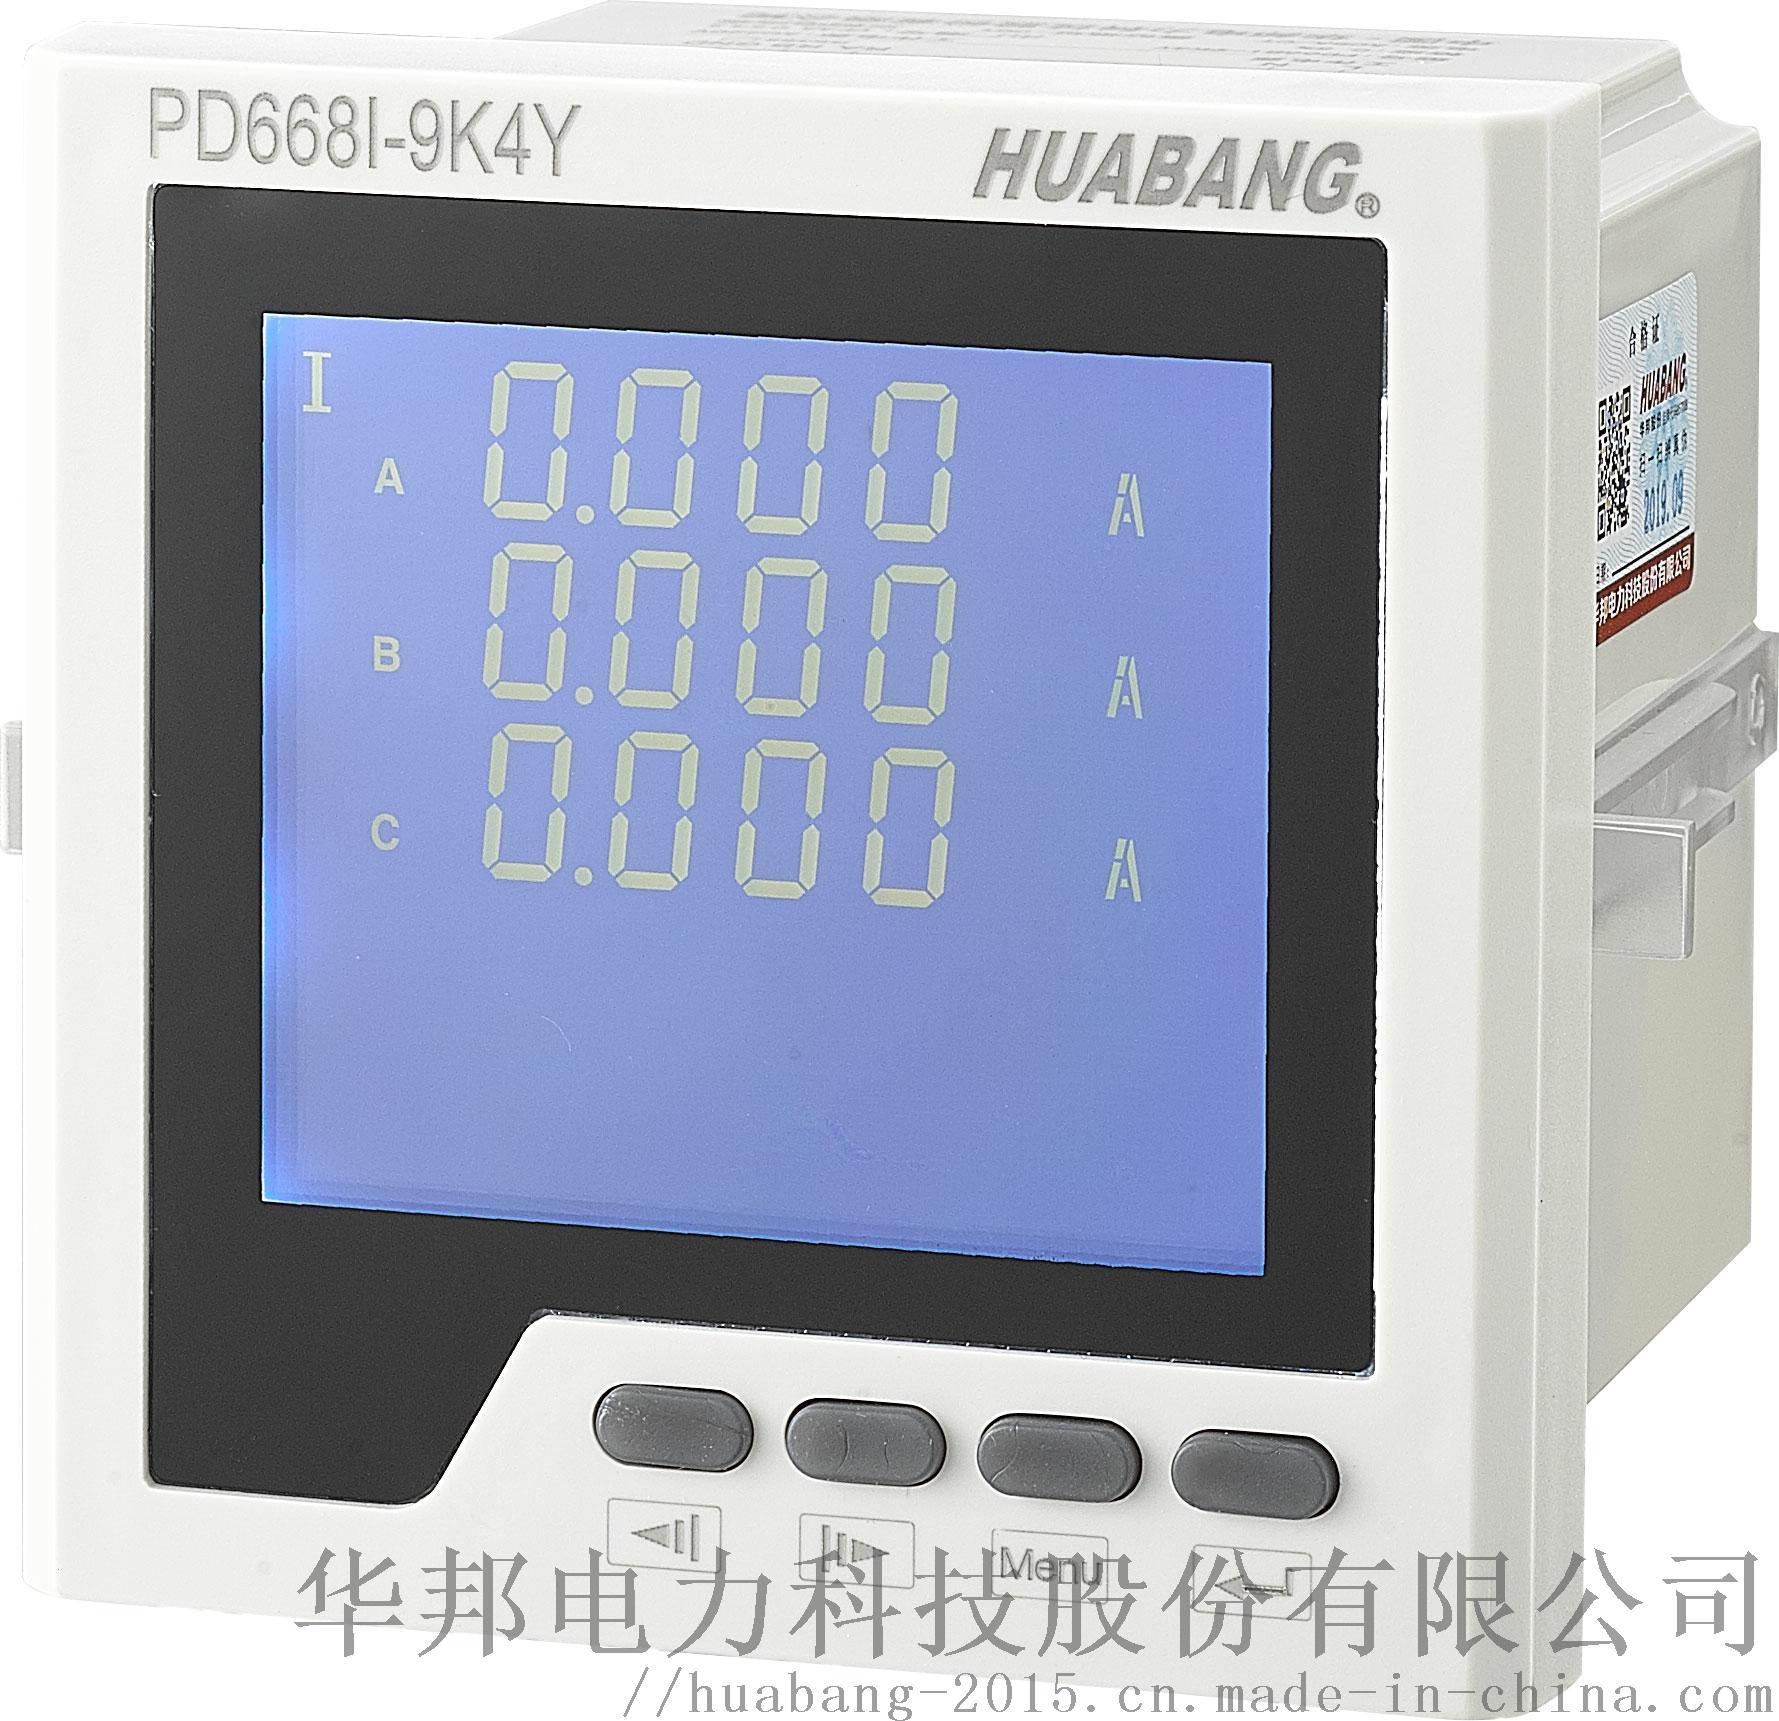 PD668I-9K4Y.jpg